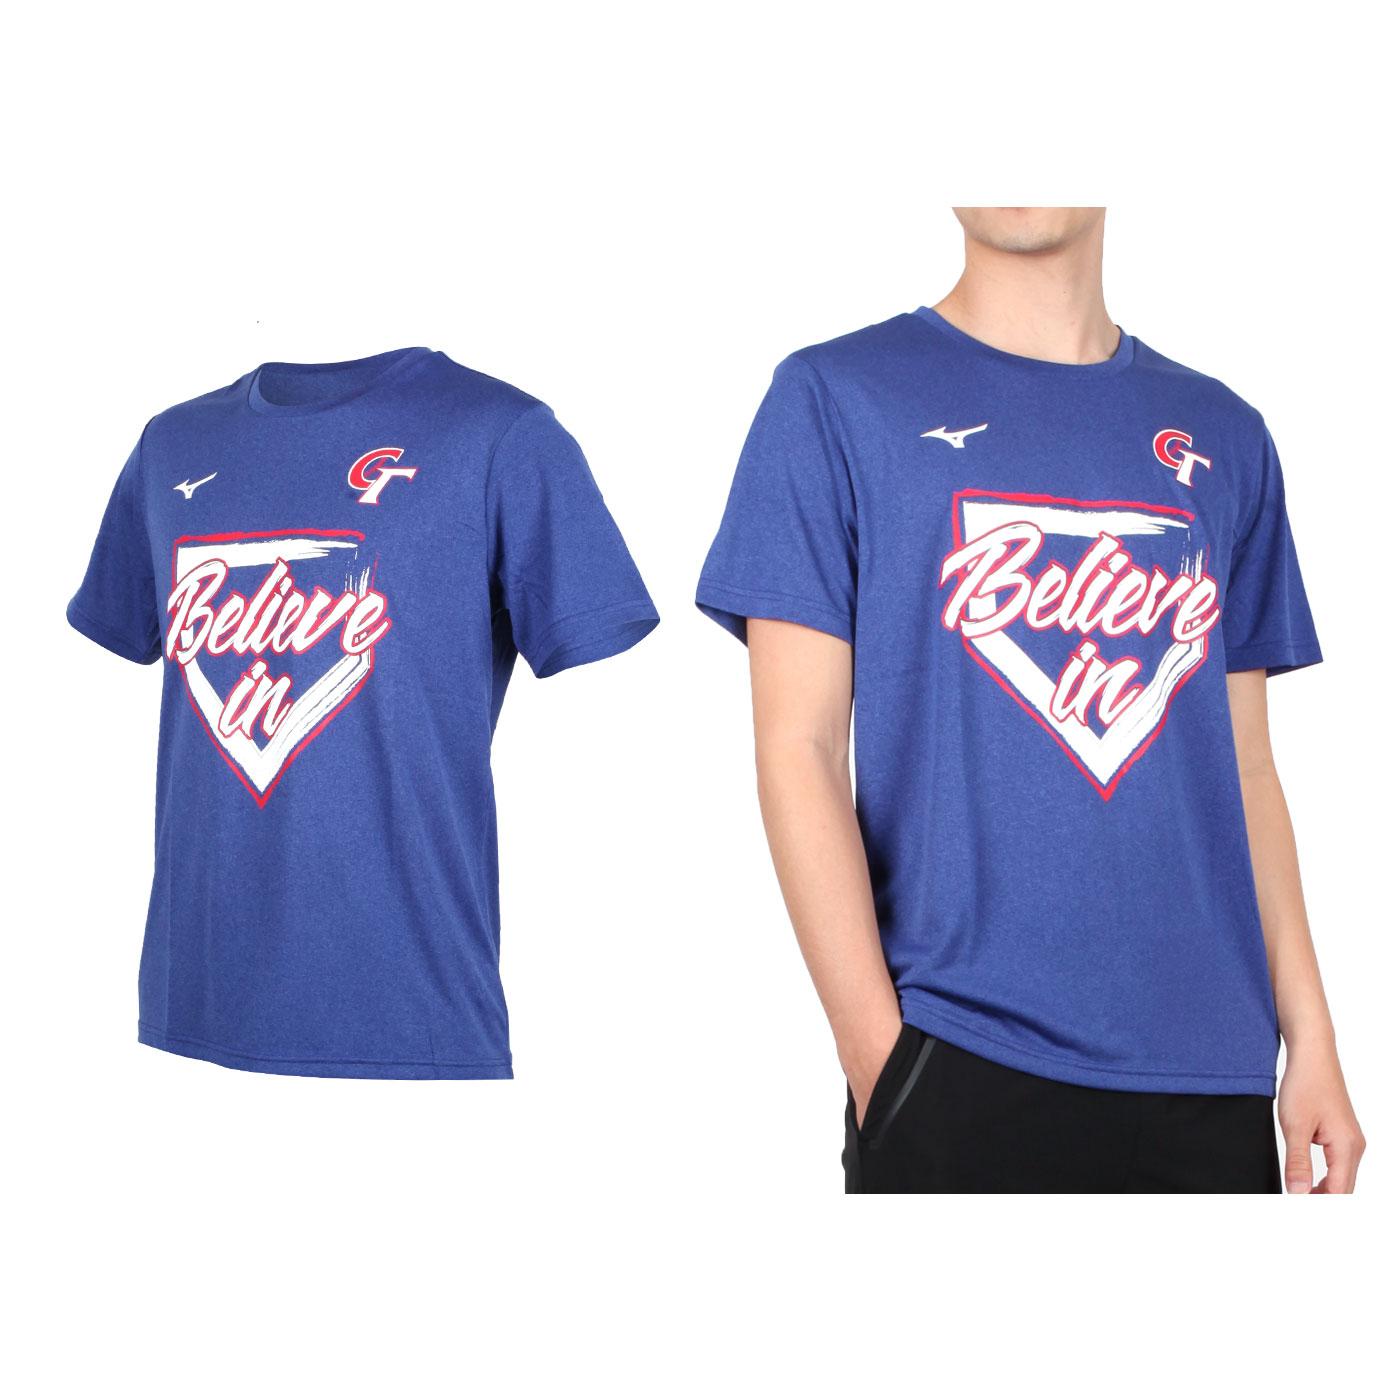 MIZUNO 男款中華隊CT短袖T恤 12TC9L5614 - 深藍白紅